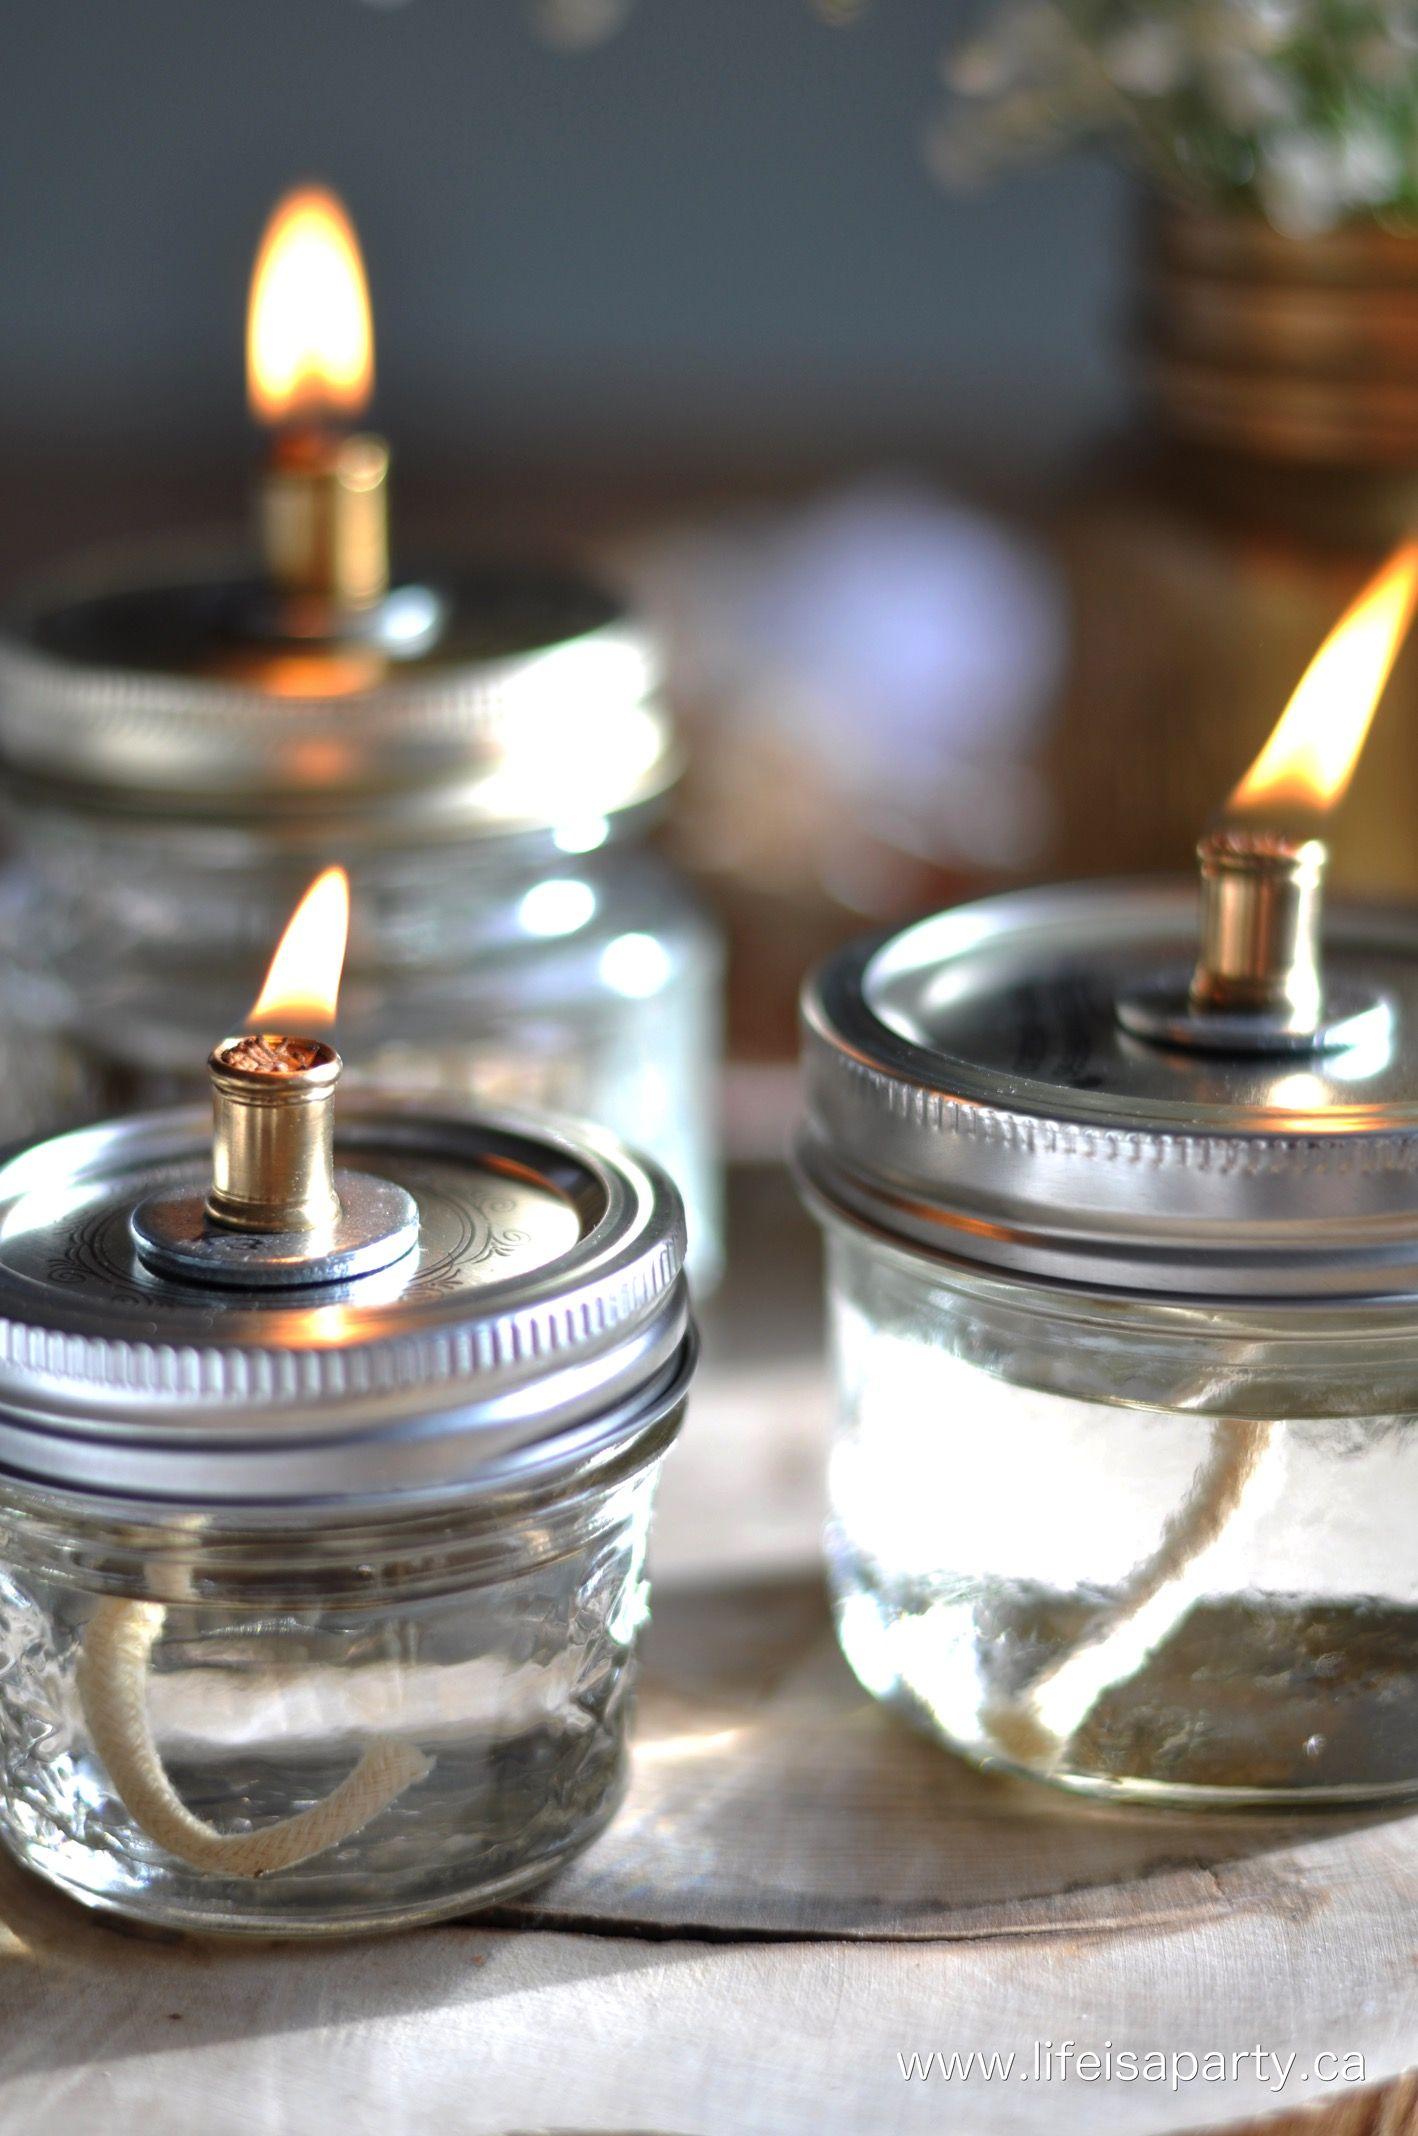 How To Make A Mason Jar Oil Lamp Mason Jar Crafts Diy Mason Jar Candles Mason Jar Diy